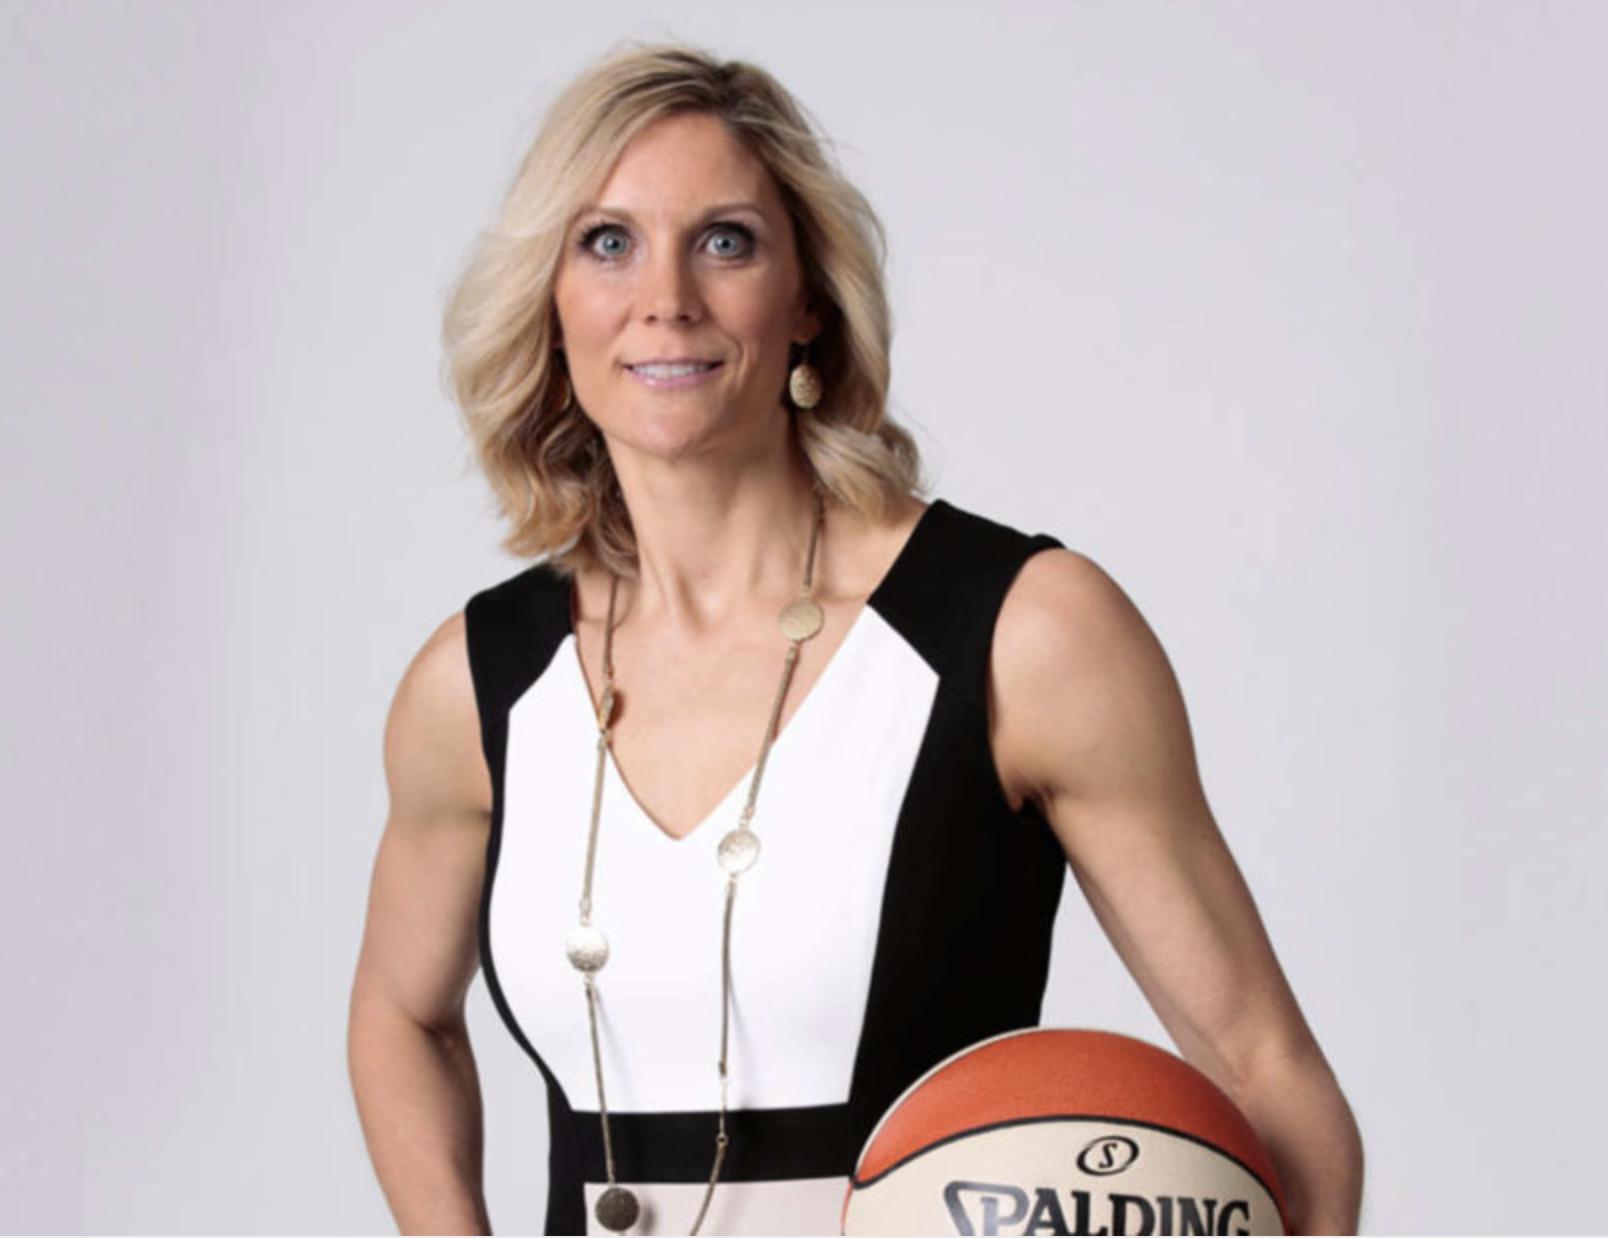 Women Coaches in the NBA